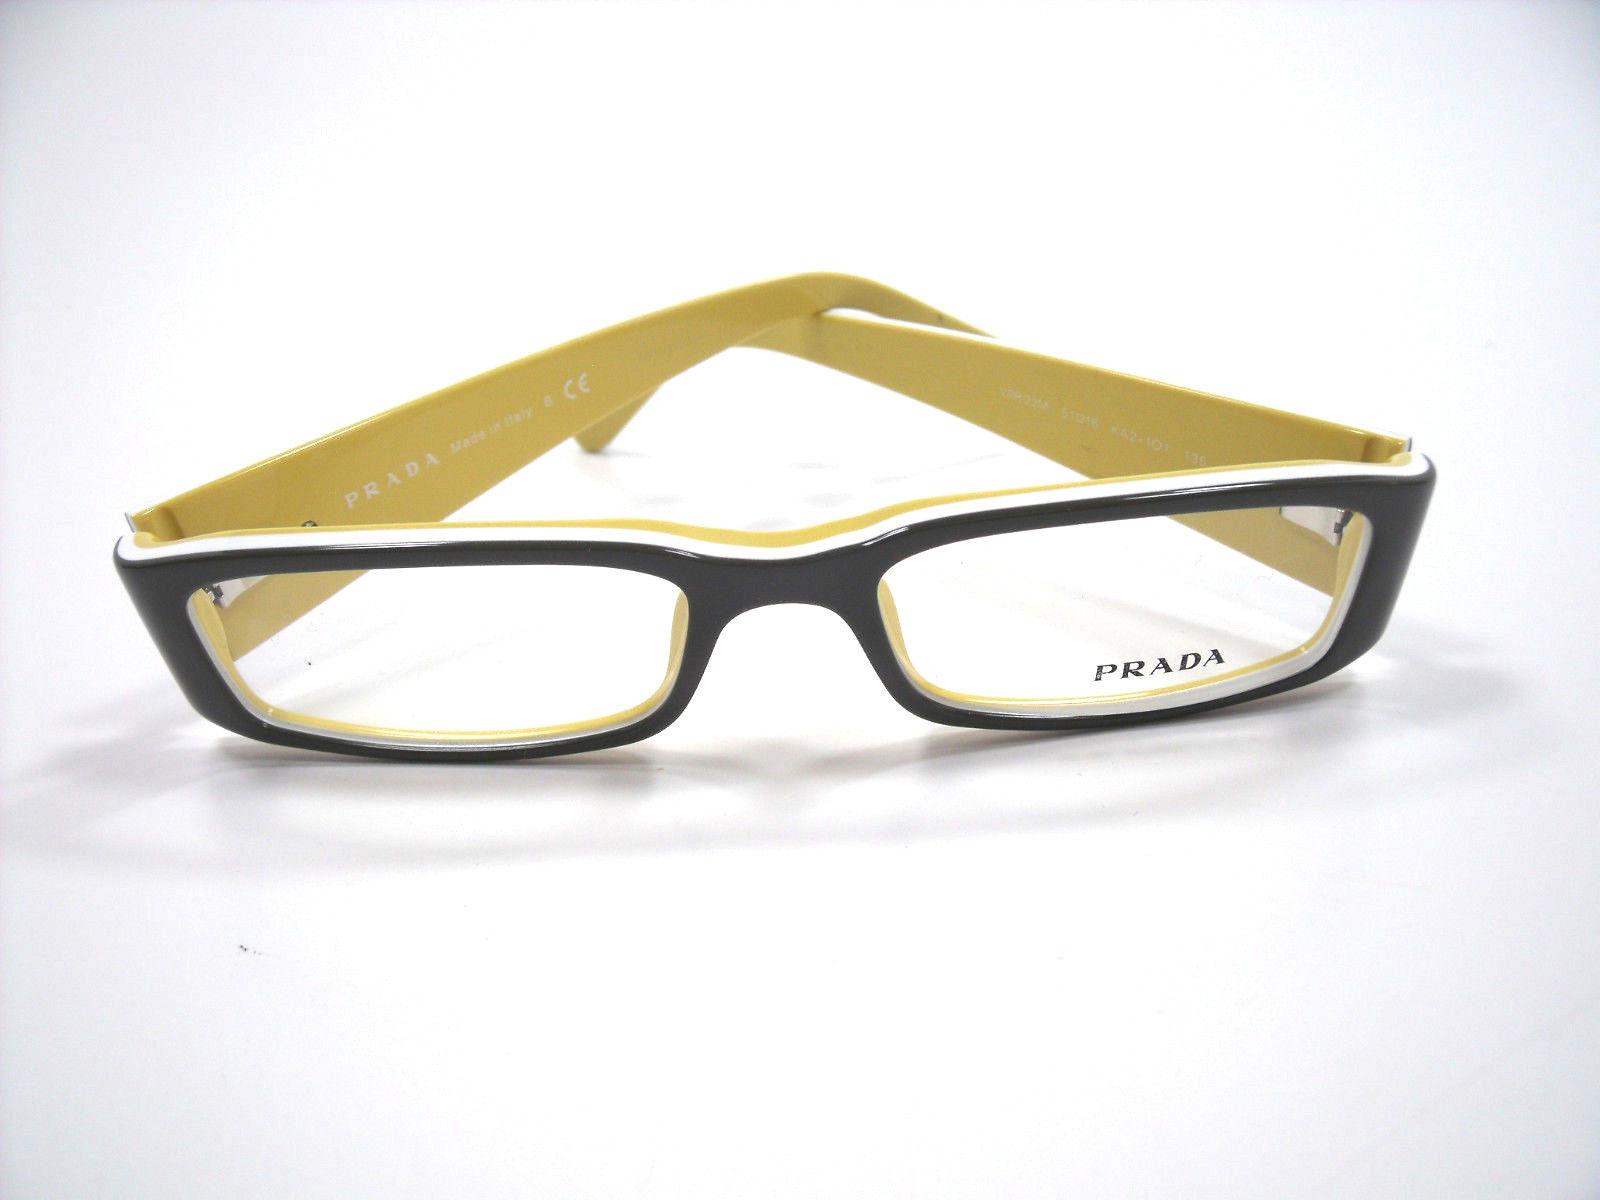 Prada vpr22m eyeglasses for Decor my eyes